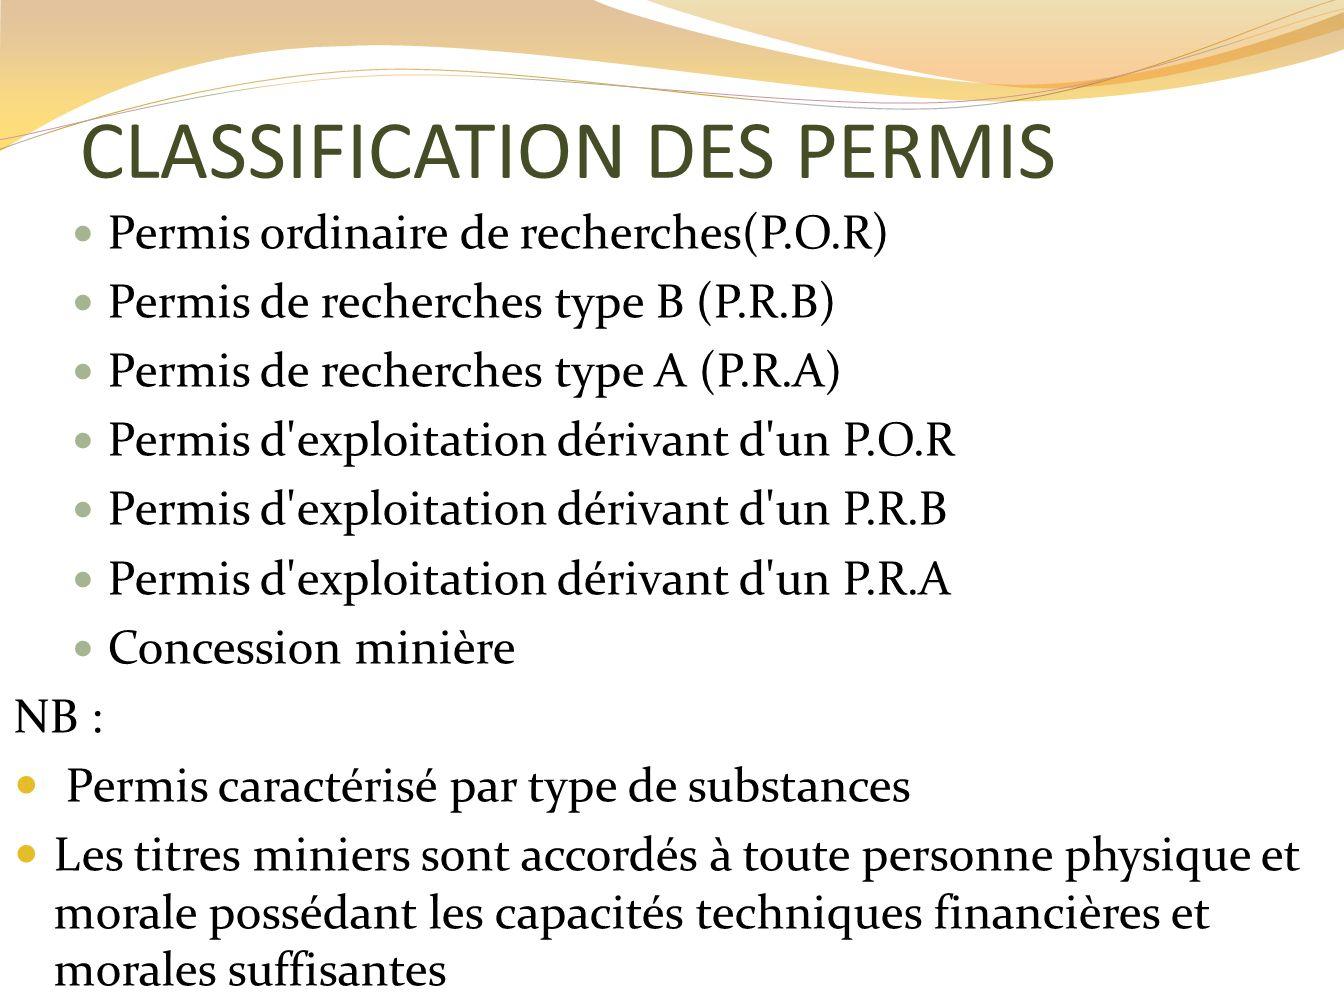 CLASSIFICATION DES PERMIS Permis de type I : Recherche et exploitation en même temps Permis de type II : Recherche/exploitation Permis de type III : Recherche/exploitation Concession abolie NB : Permis caractérisé par dimension de lentreprise (A.